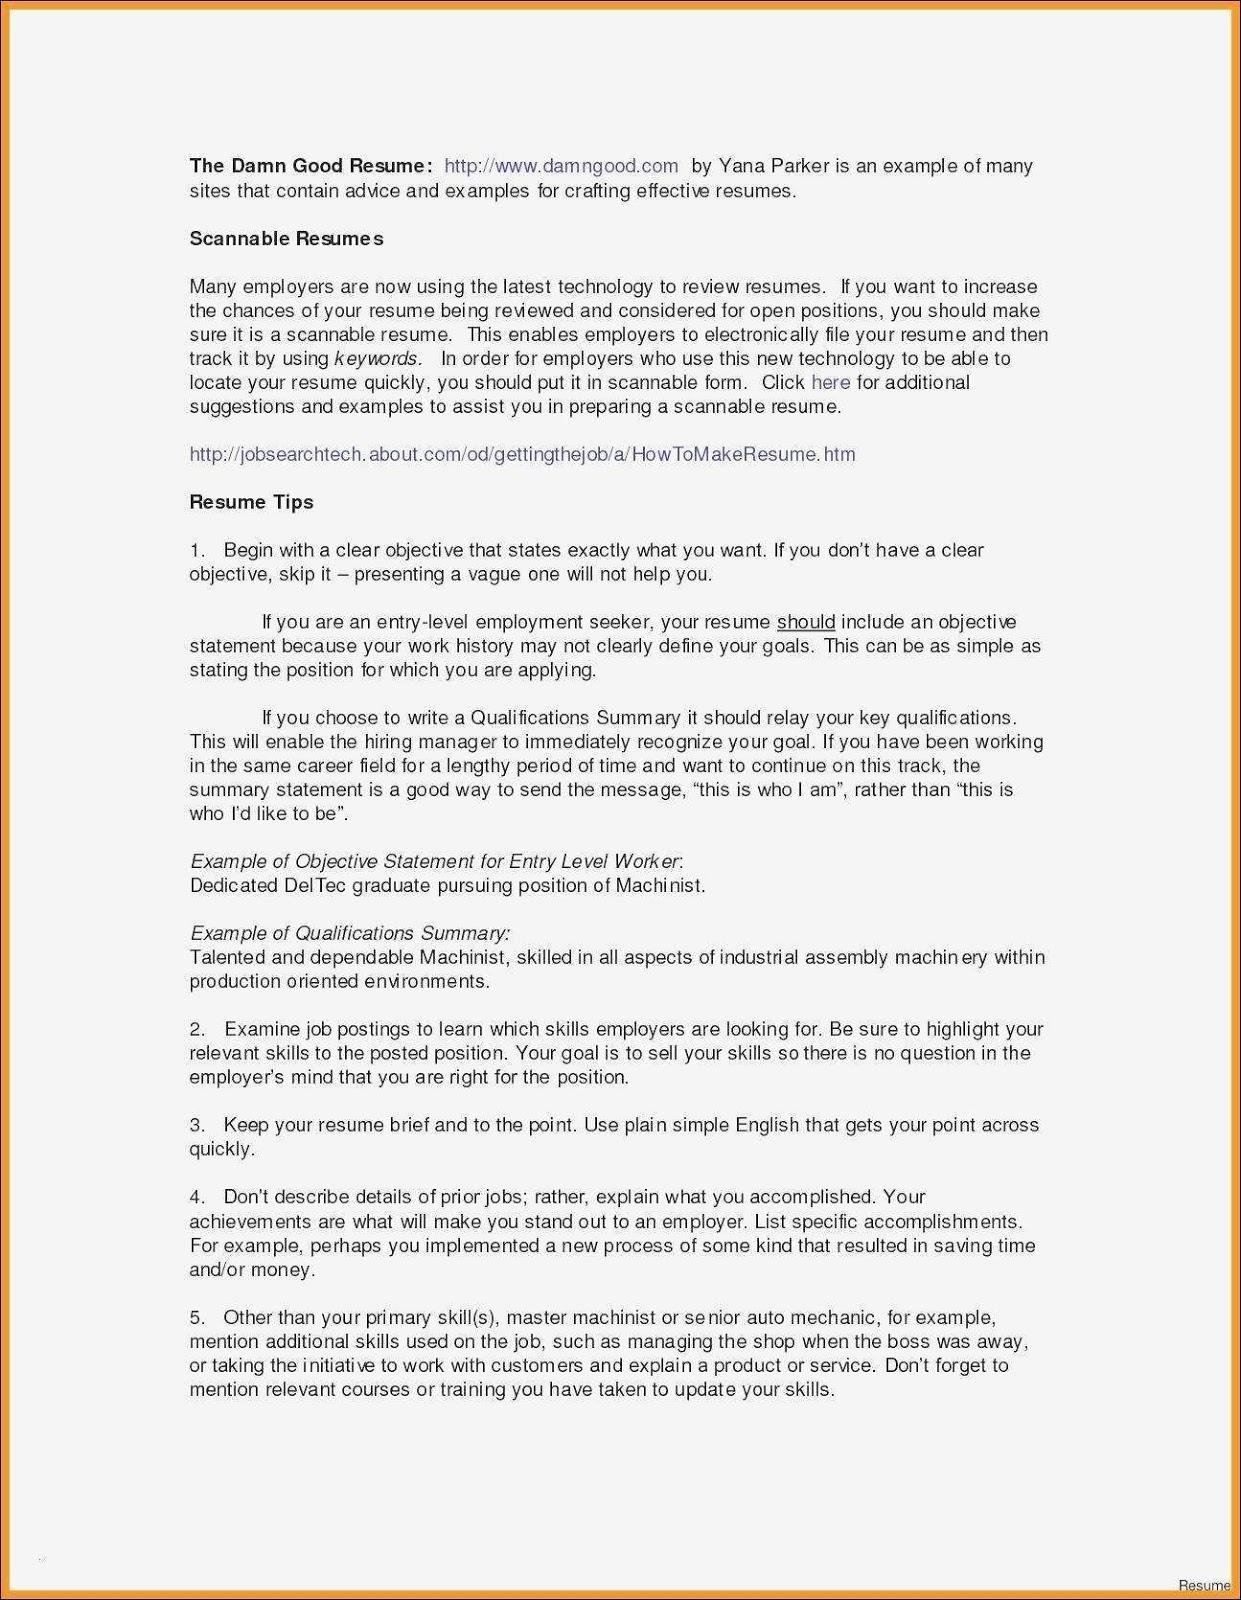 teacher assistant resume sample, teacher assistant resume sample with no experience, teacher assistant resume sample skills, teaching assistant resume example, teaching assistant resume samples uk, preschool teacher assistant resume sample, infant teacher assistant resume sample, esl teacher assistant resume sample, daycare teacher assistant resume sample